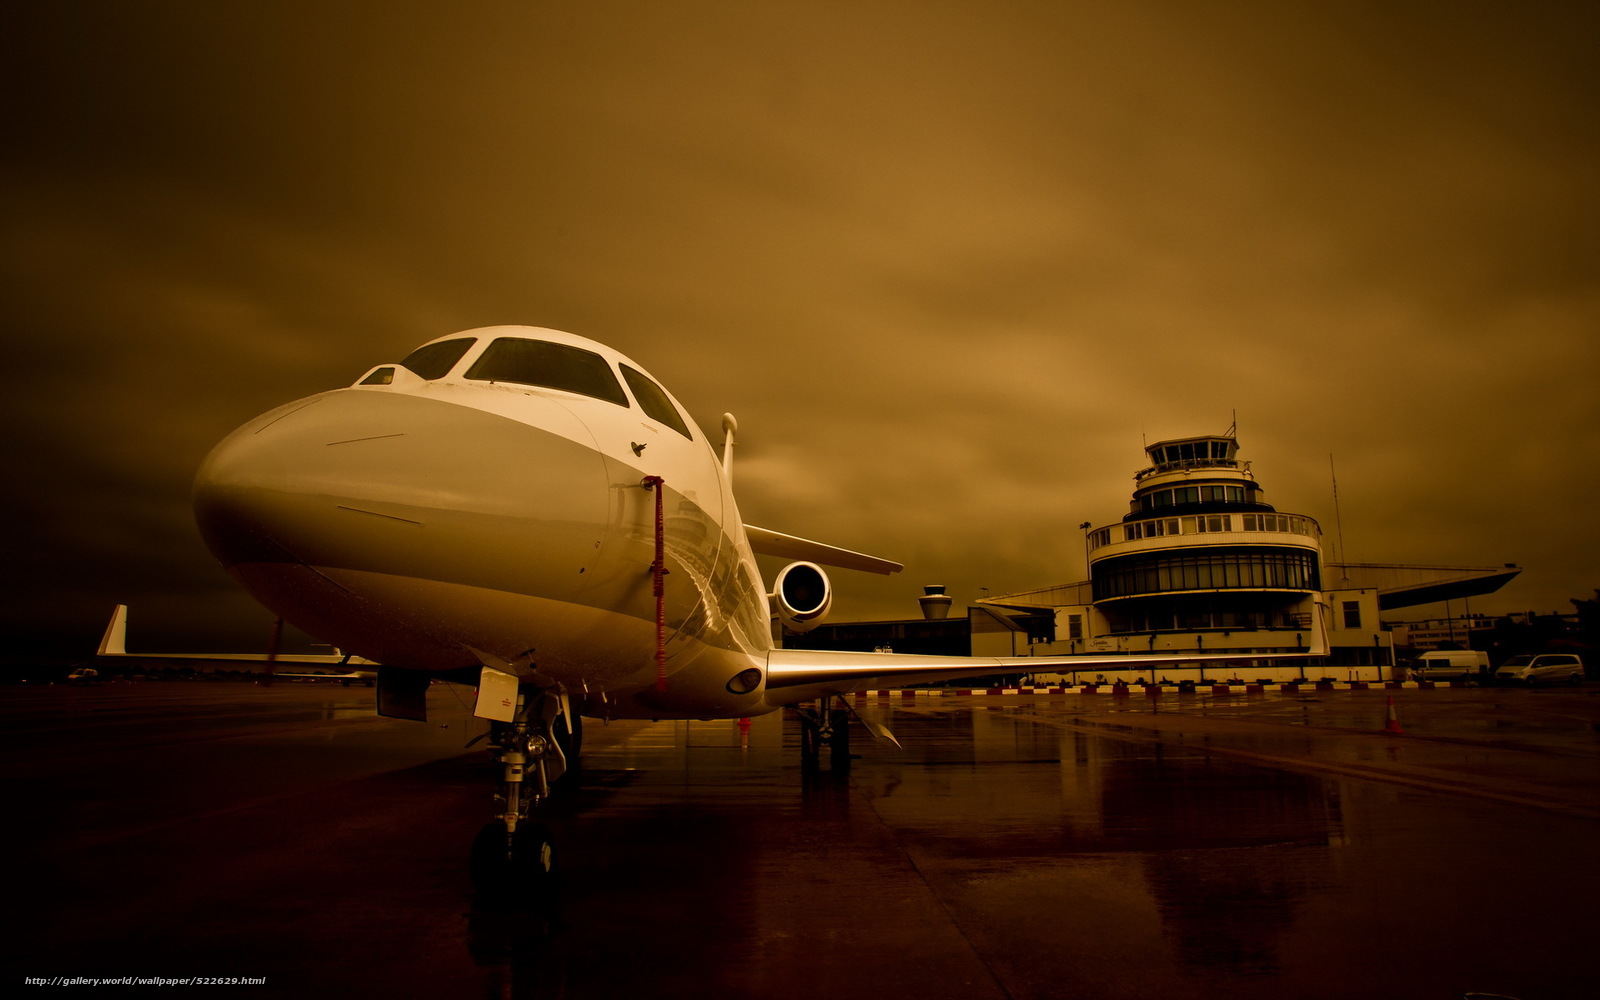 Скачать обои авиация,  аэродром,  самолёт бесплатно для рабочего стола в разрешении 1920x1200 — картинка №522629